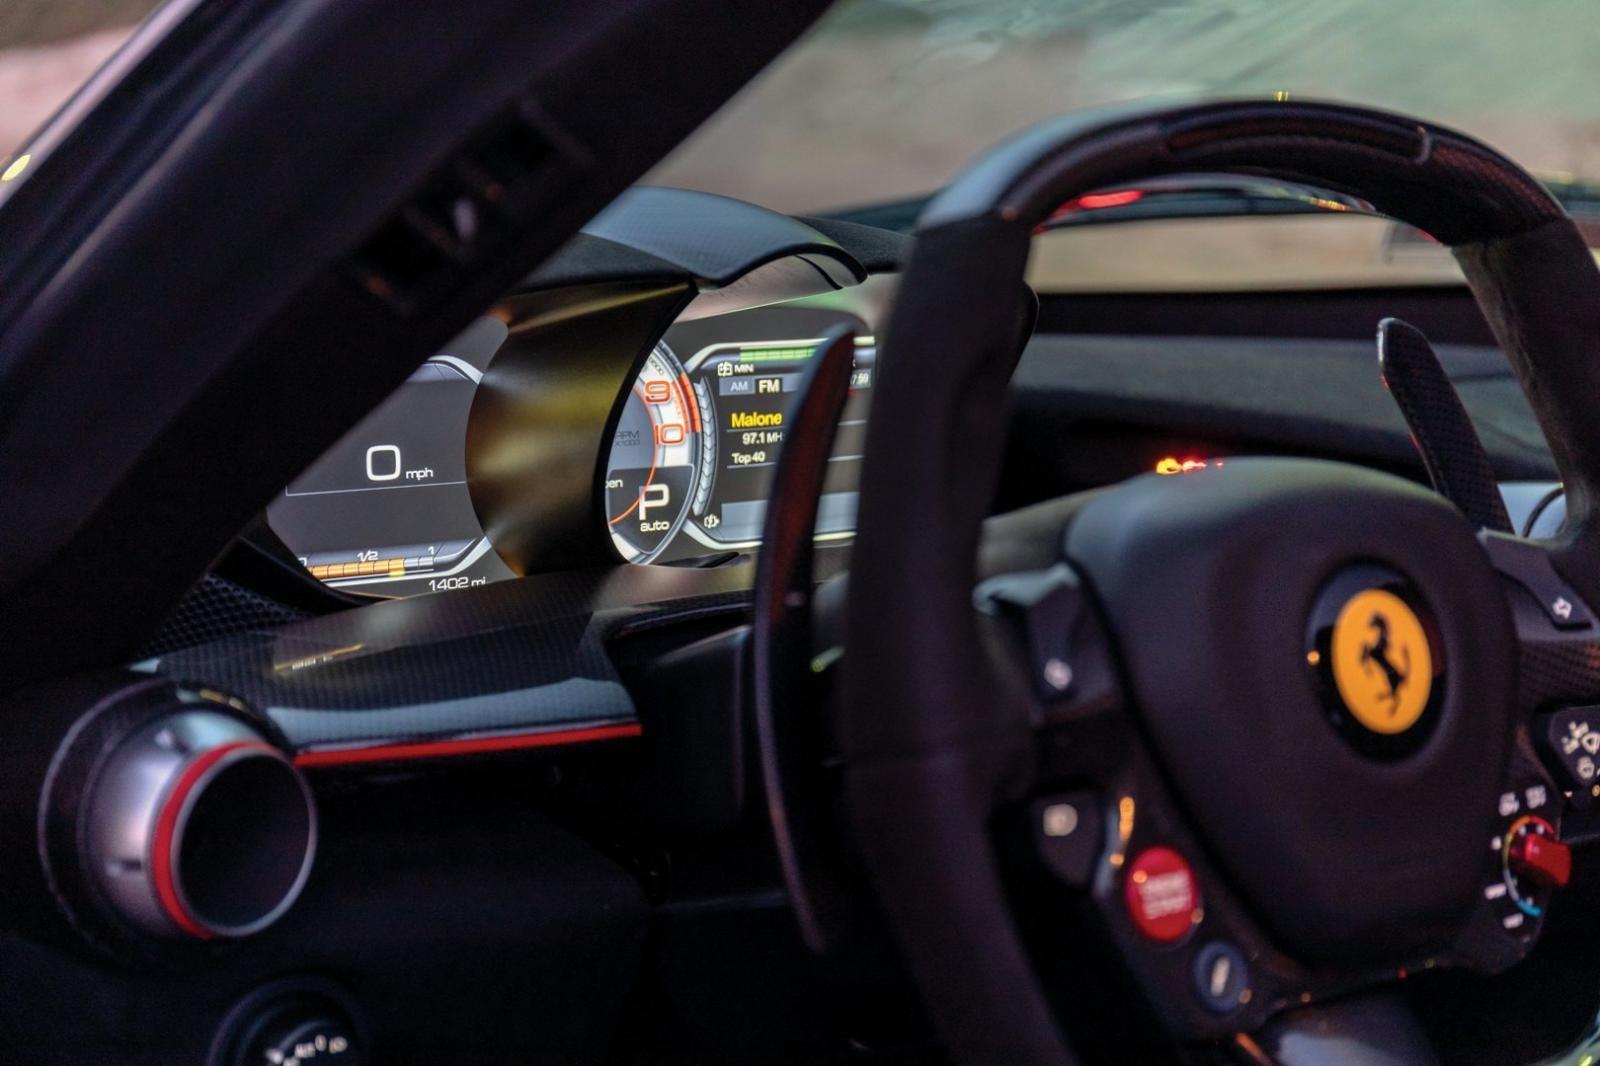 Ferrari LaFerrari mui trần chuẩn bị lên sàn đấu giá vào tháng 1 tới đây mới lăn bánh được quãng đường dài 2.414 km